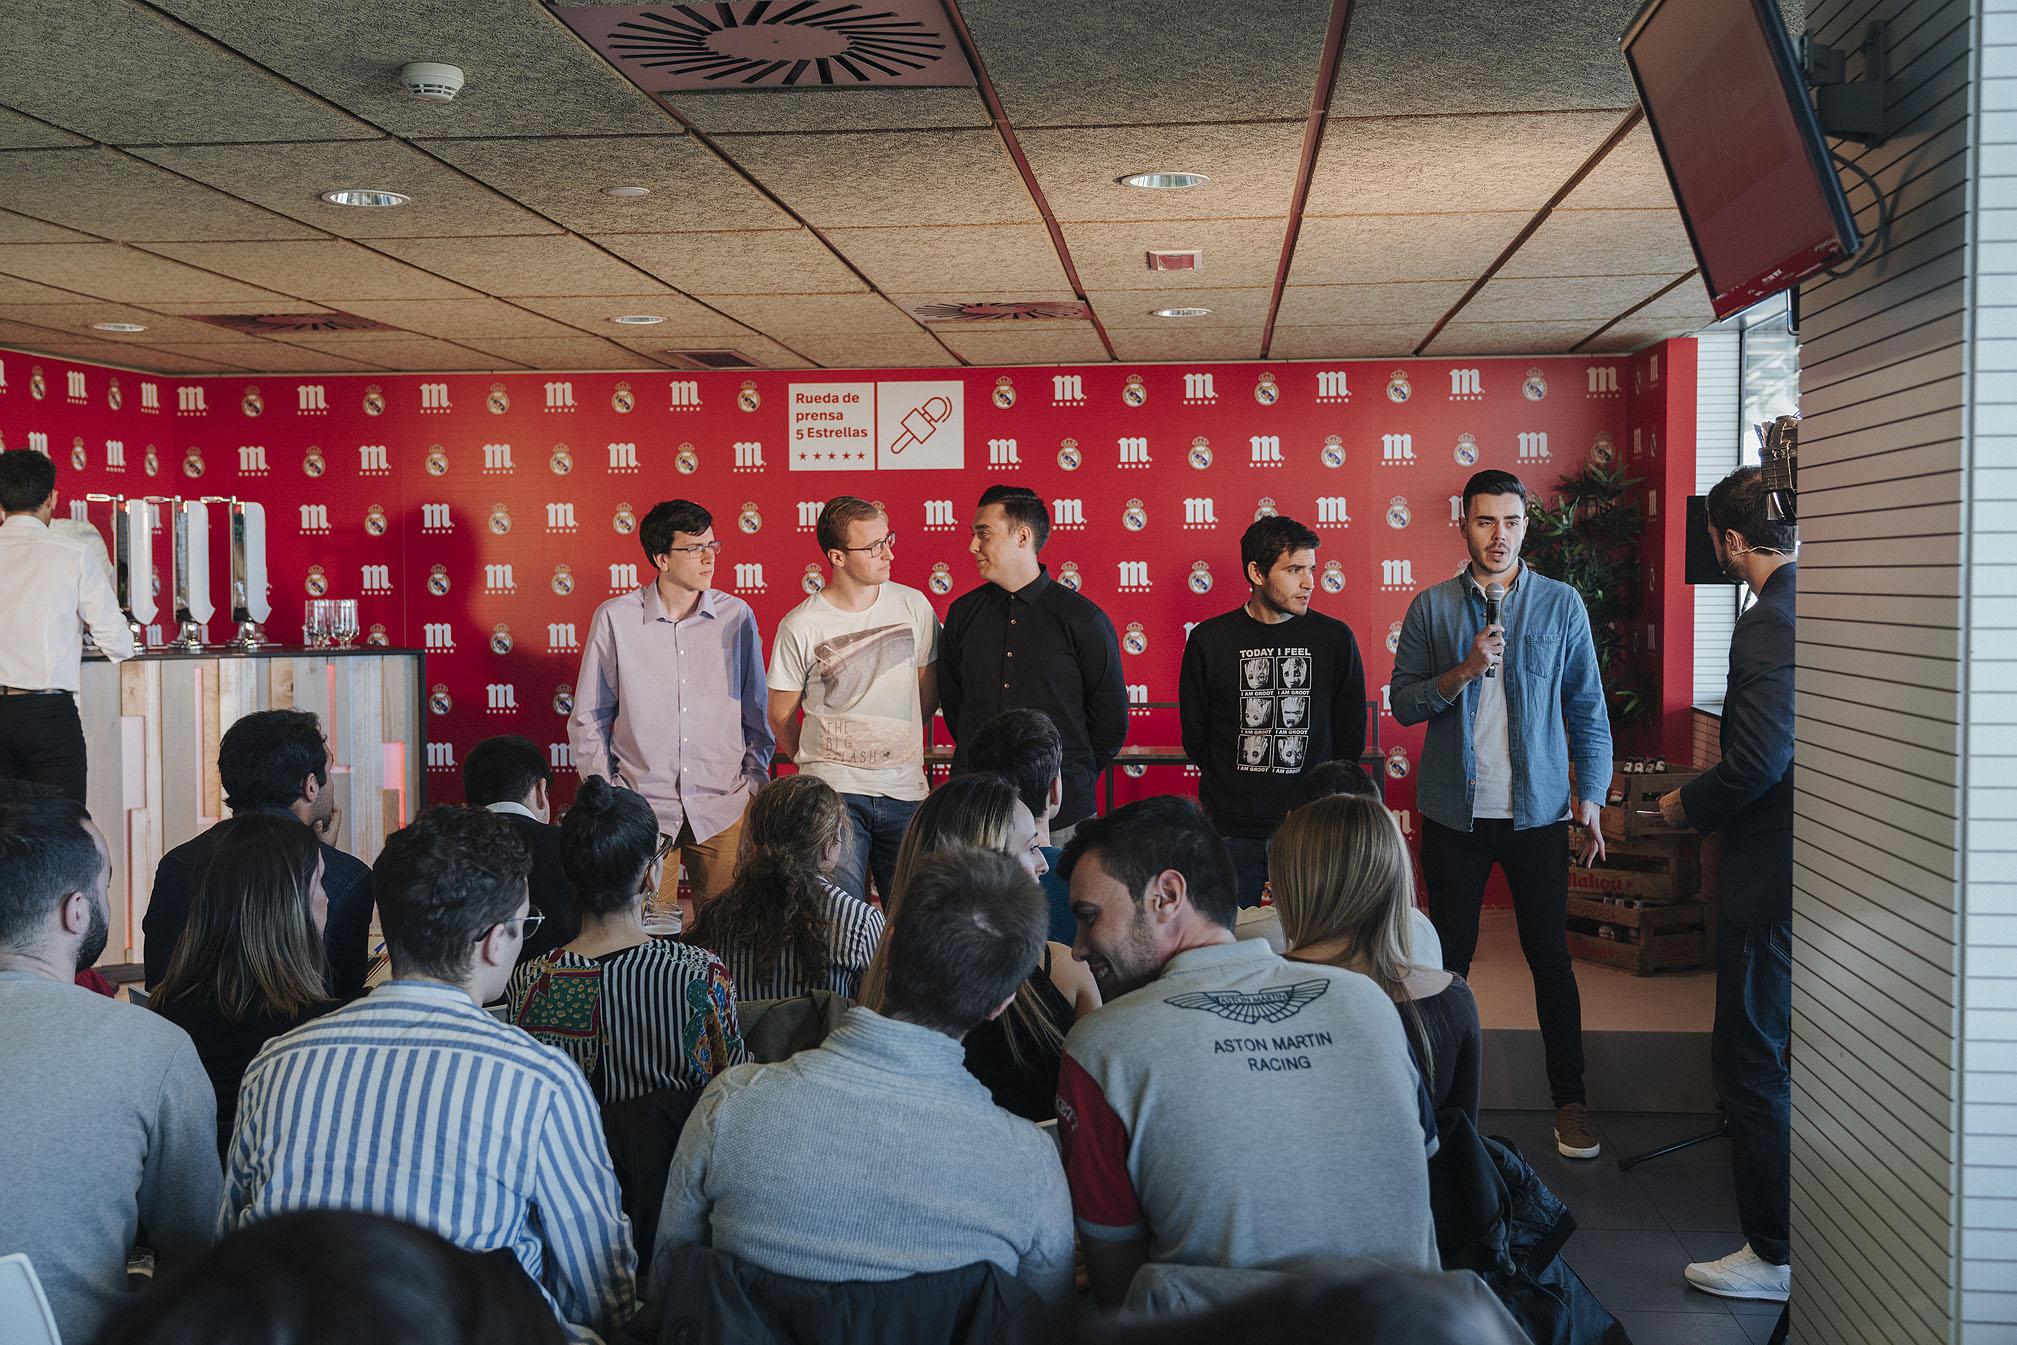 Alumnos de periodismo presentándose durante la Rueda de Prensa 5 Estrellas / Fuente: Mahou